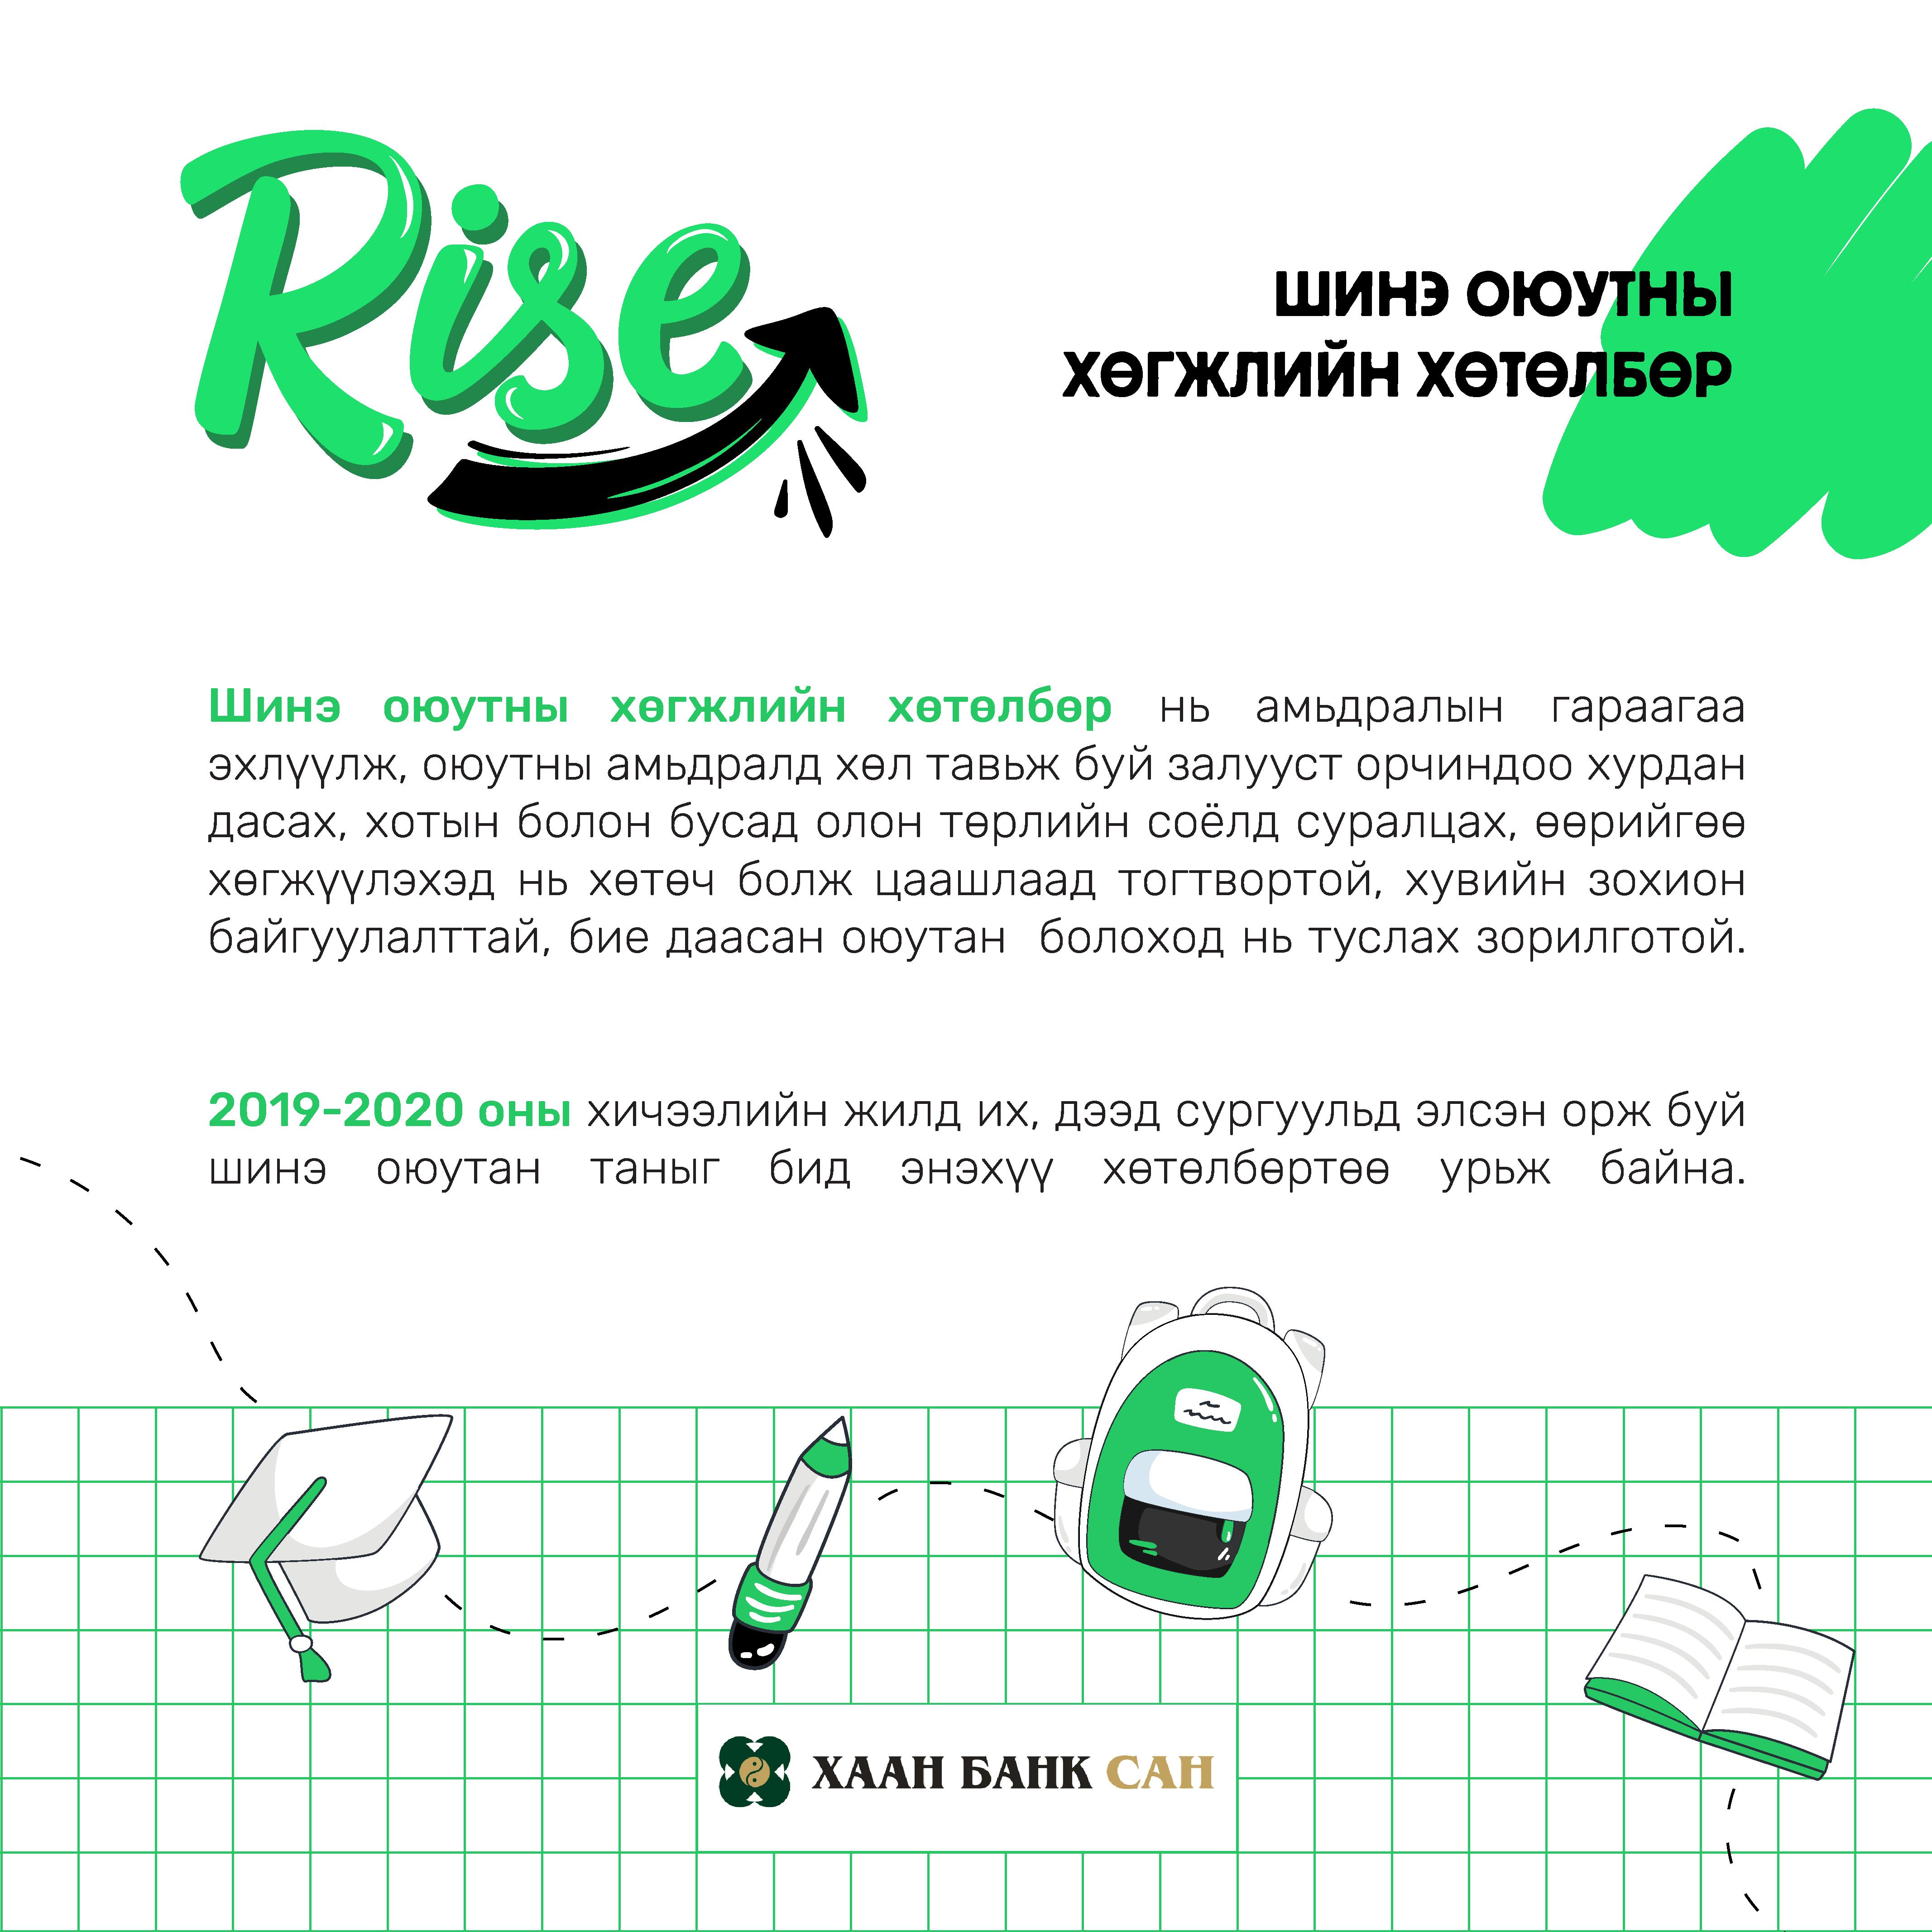 """RISE-Social-poster-1 ХААН банкнаас зохион байгуулж буй """"RISE"""" шинэ оюутны хөгжлийн хөтөлбөрийн бүртгэл эхэллээ"""